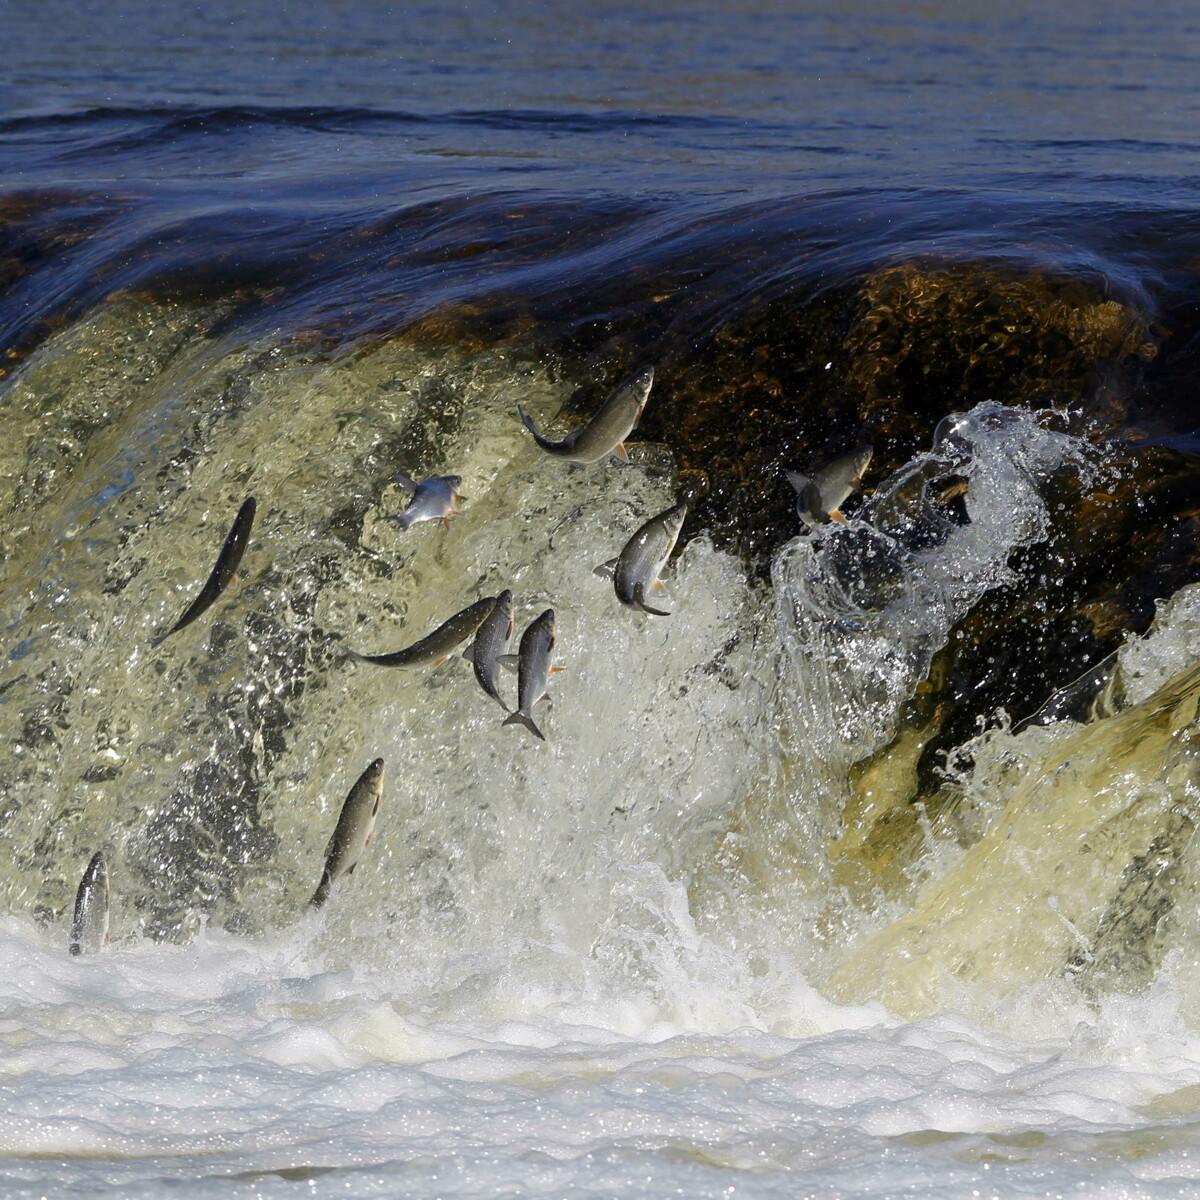 """Biodiversità delle acque dolci a rischio, ambientalisti: """"Troppe specie aliene immesse illegalmente"""""""